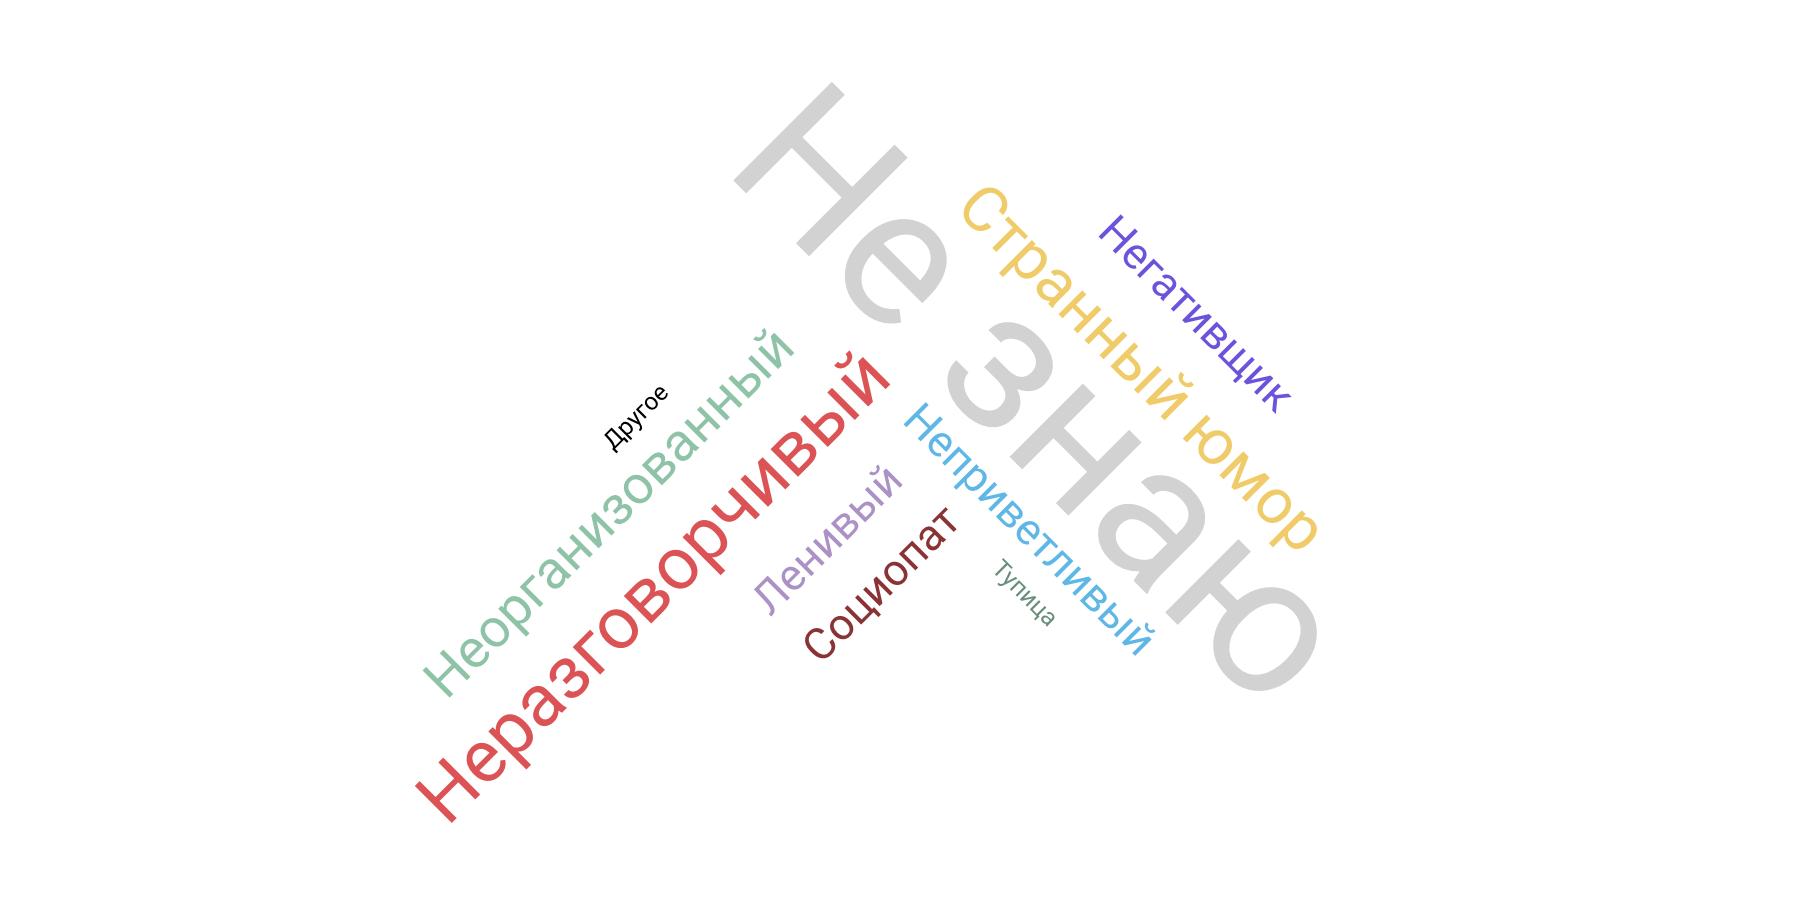 Насколько разработчики конфликтные — инфографика по результатам опроса на «Моем круге» - 12